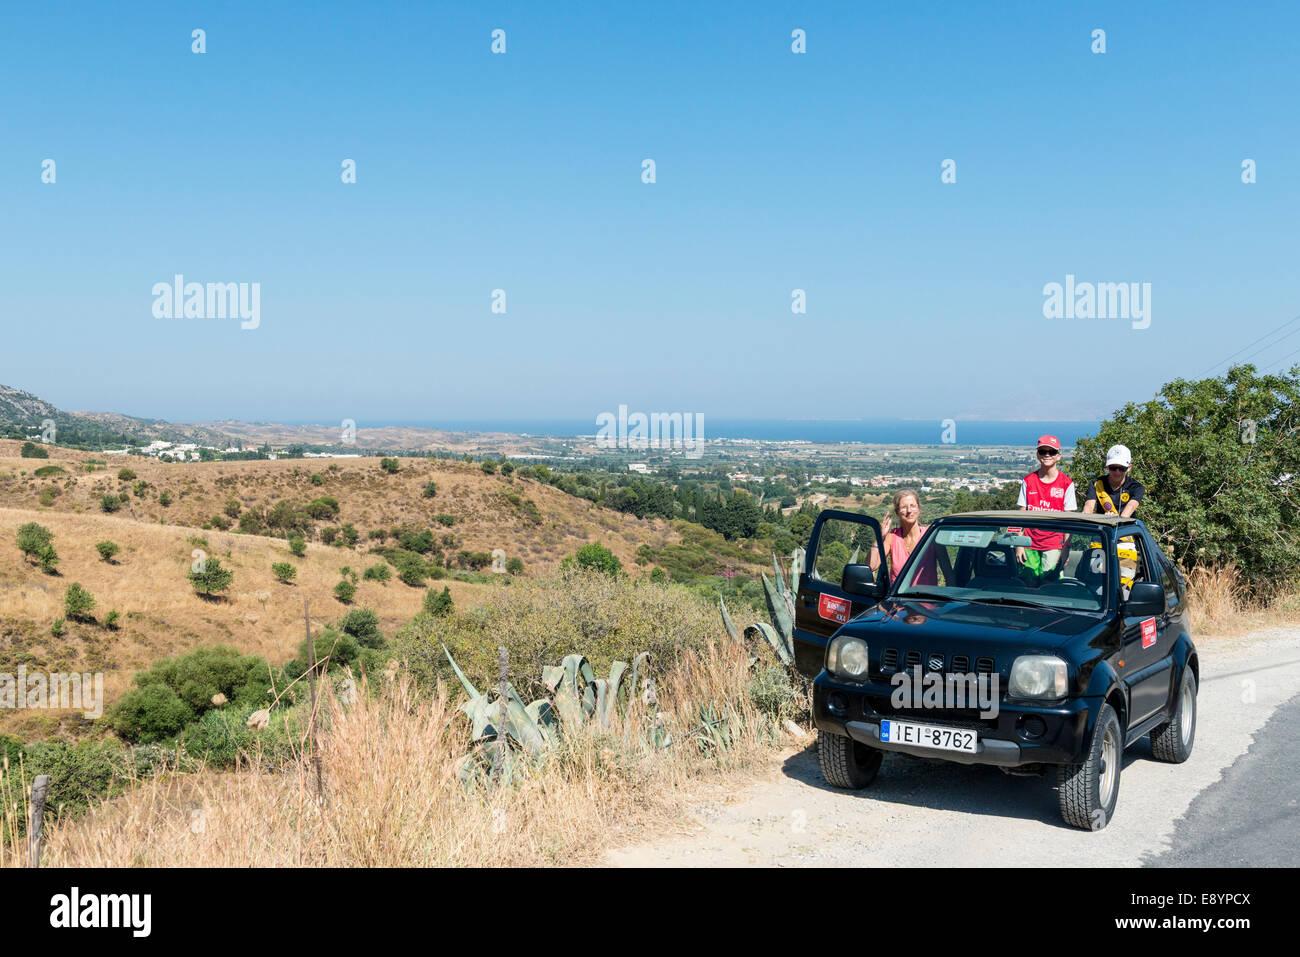 Mère de deux enfants conduire dans une jeep ouverte jusqu'aux montagnes de Pyli, Kos, Grèce Photo Stock